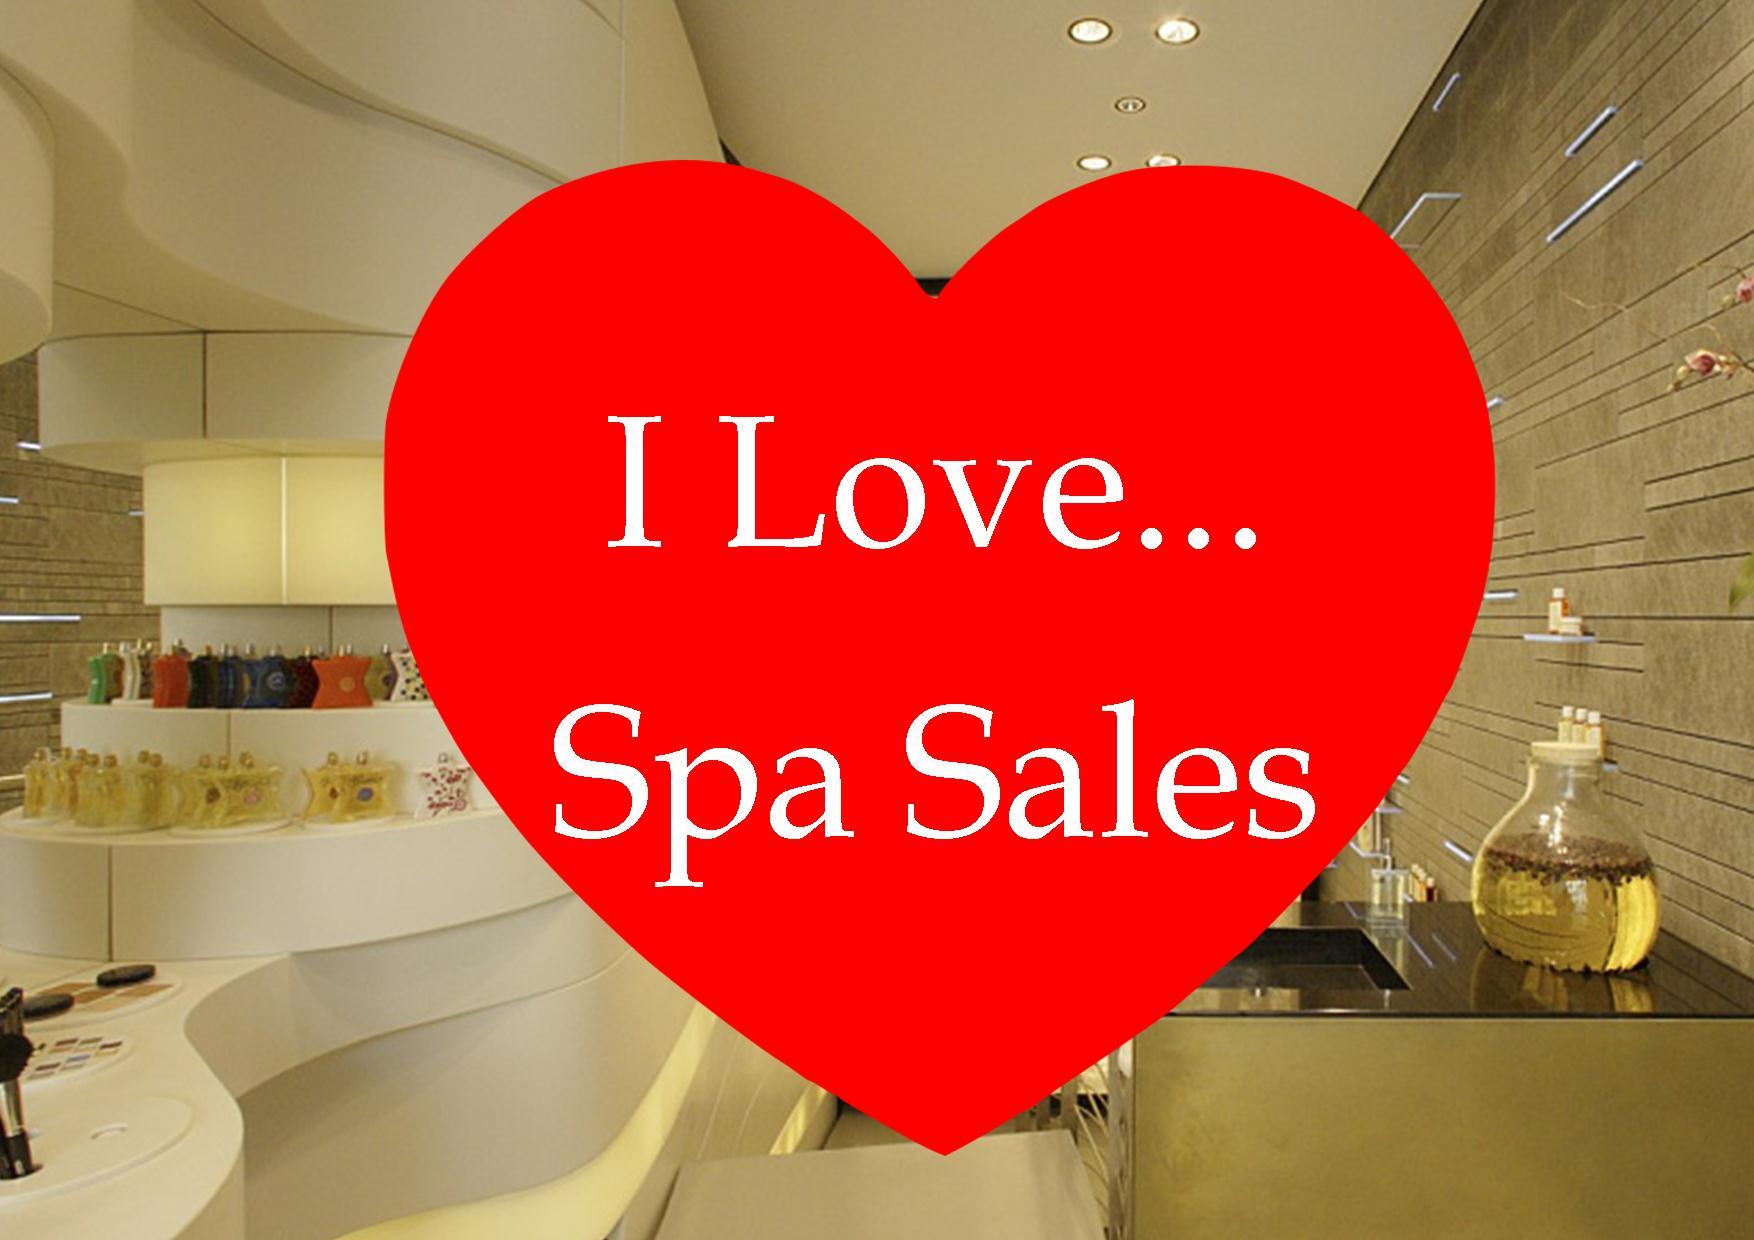 Αναπτύξτε τις πωλήσεις σας στο Spa σε Προϊόντα και Υπηρεσίες!